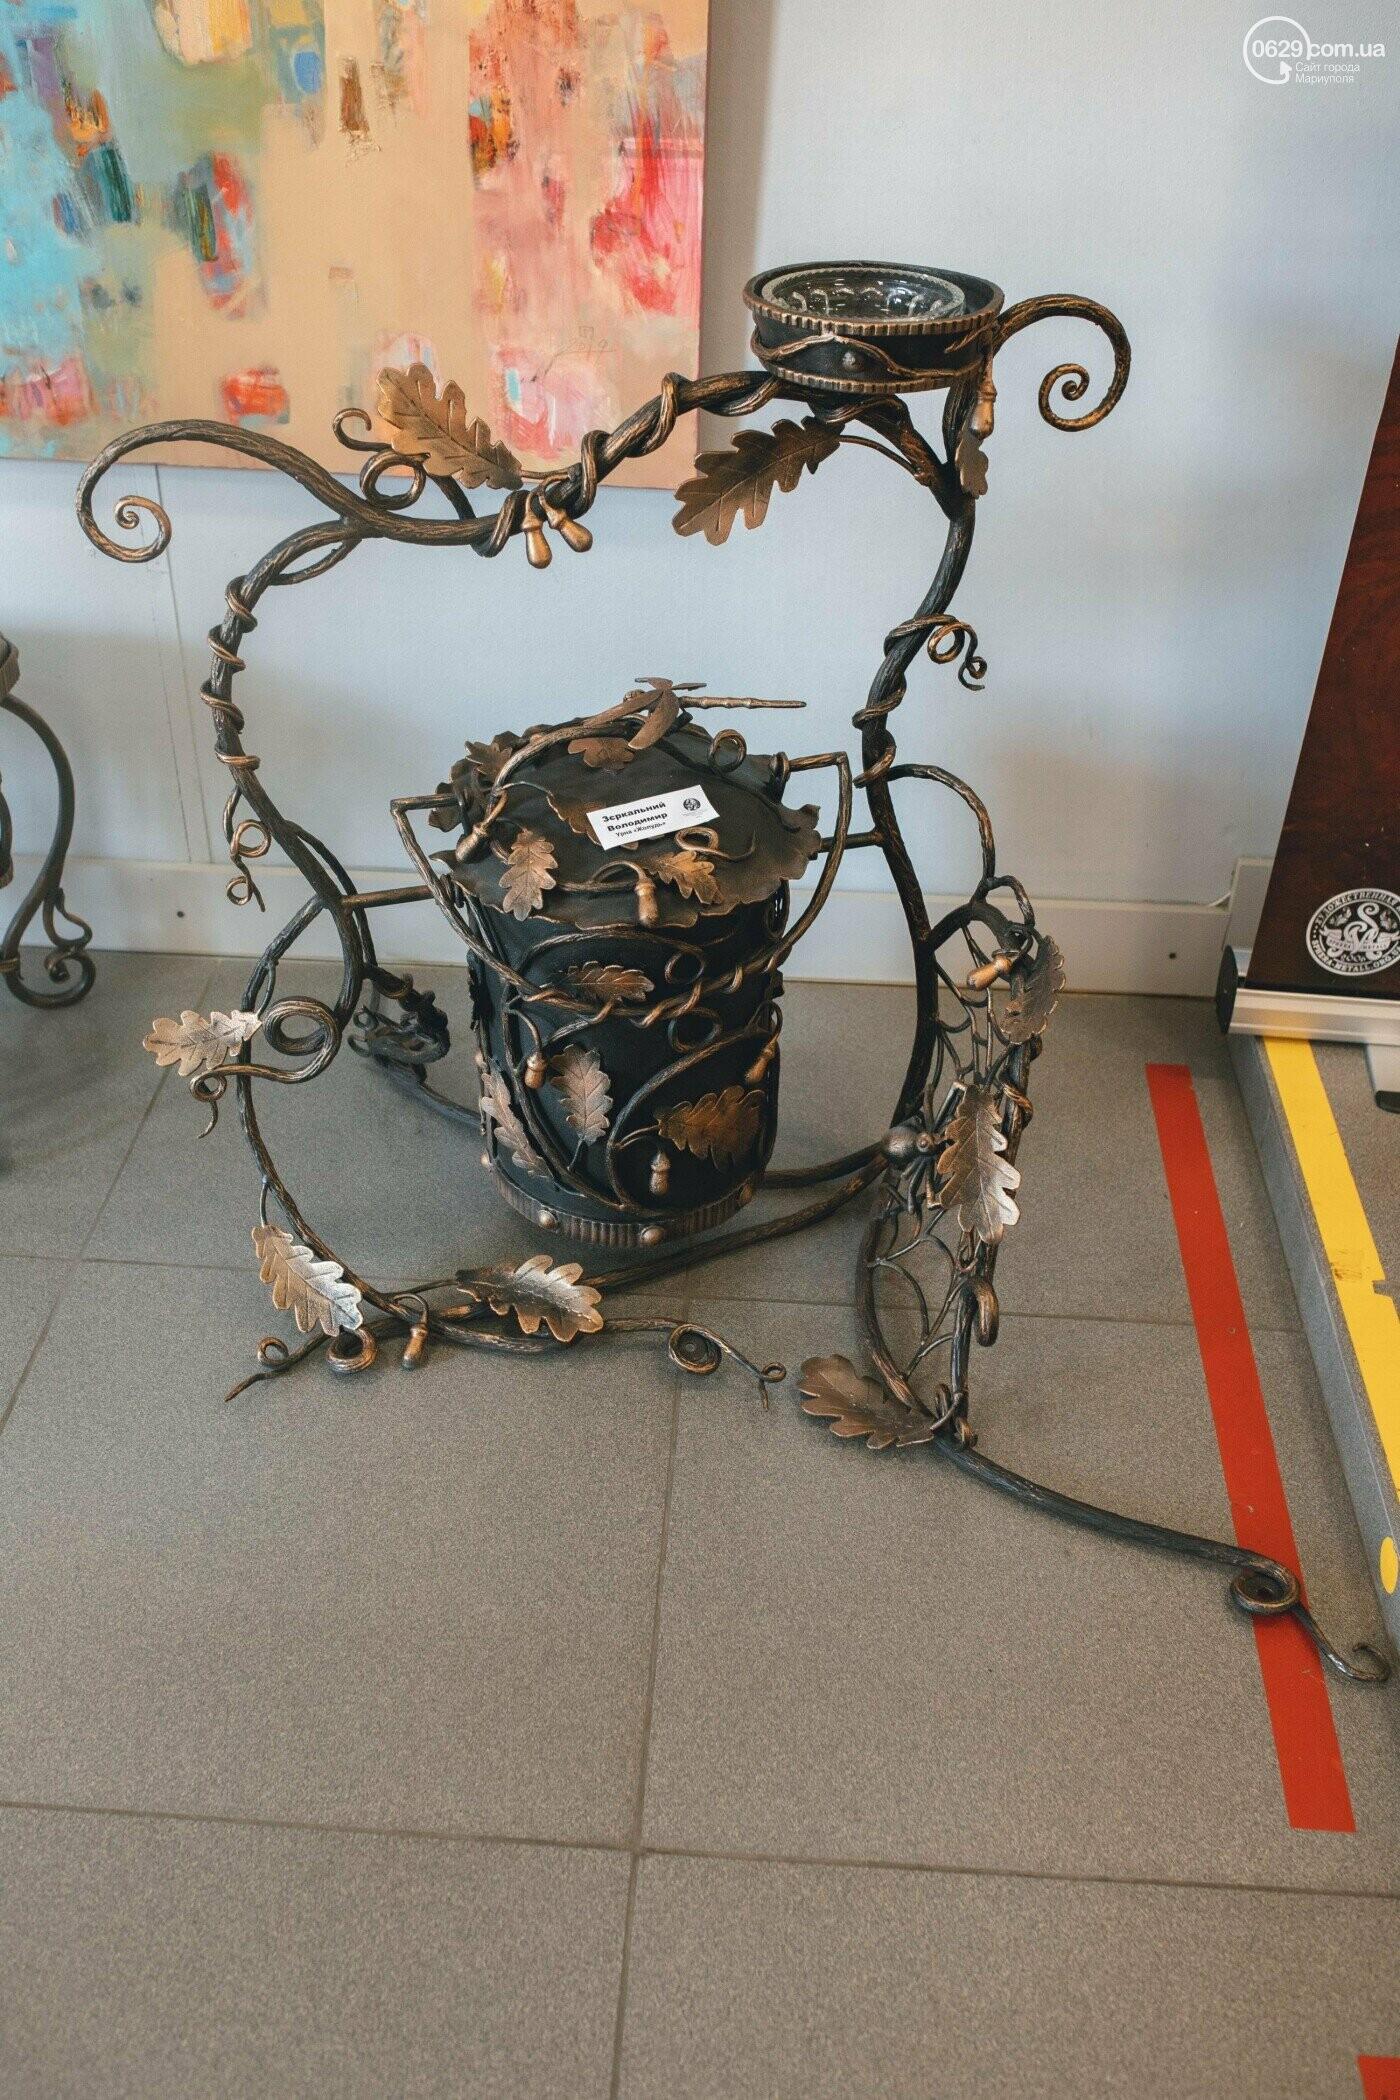 Ковані черепи, пірати та пальми. У Маріуполі відкрилася нова виставка, - ФОТО , фото-3